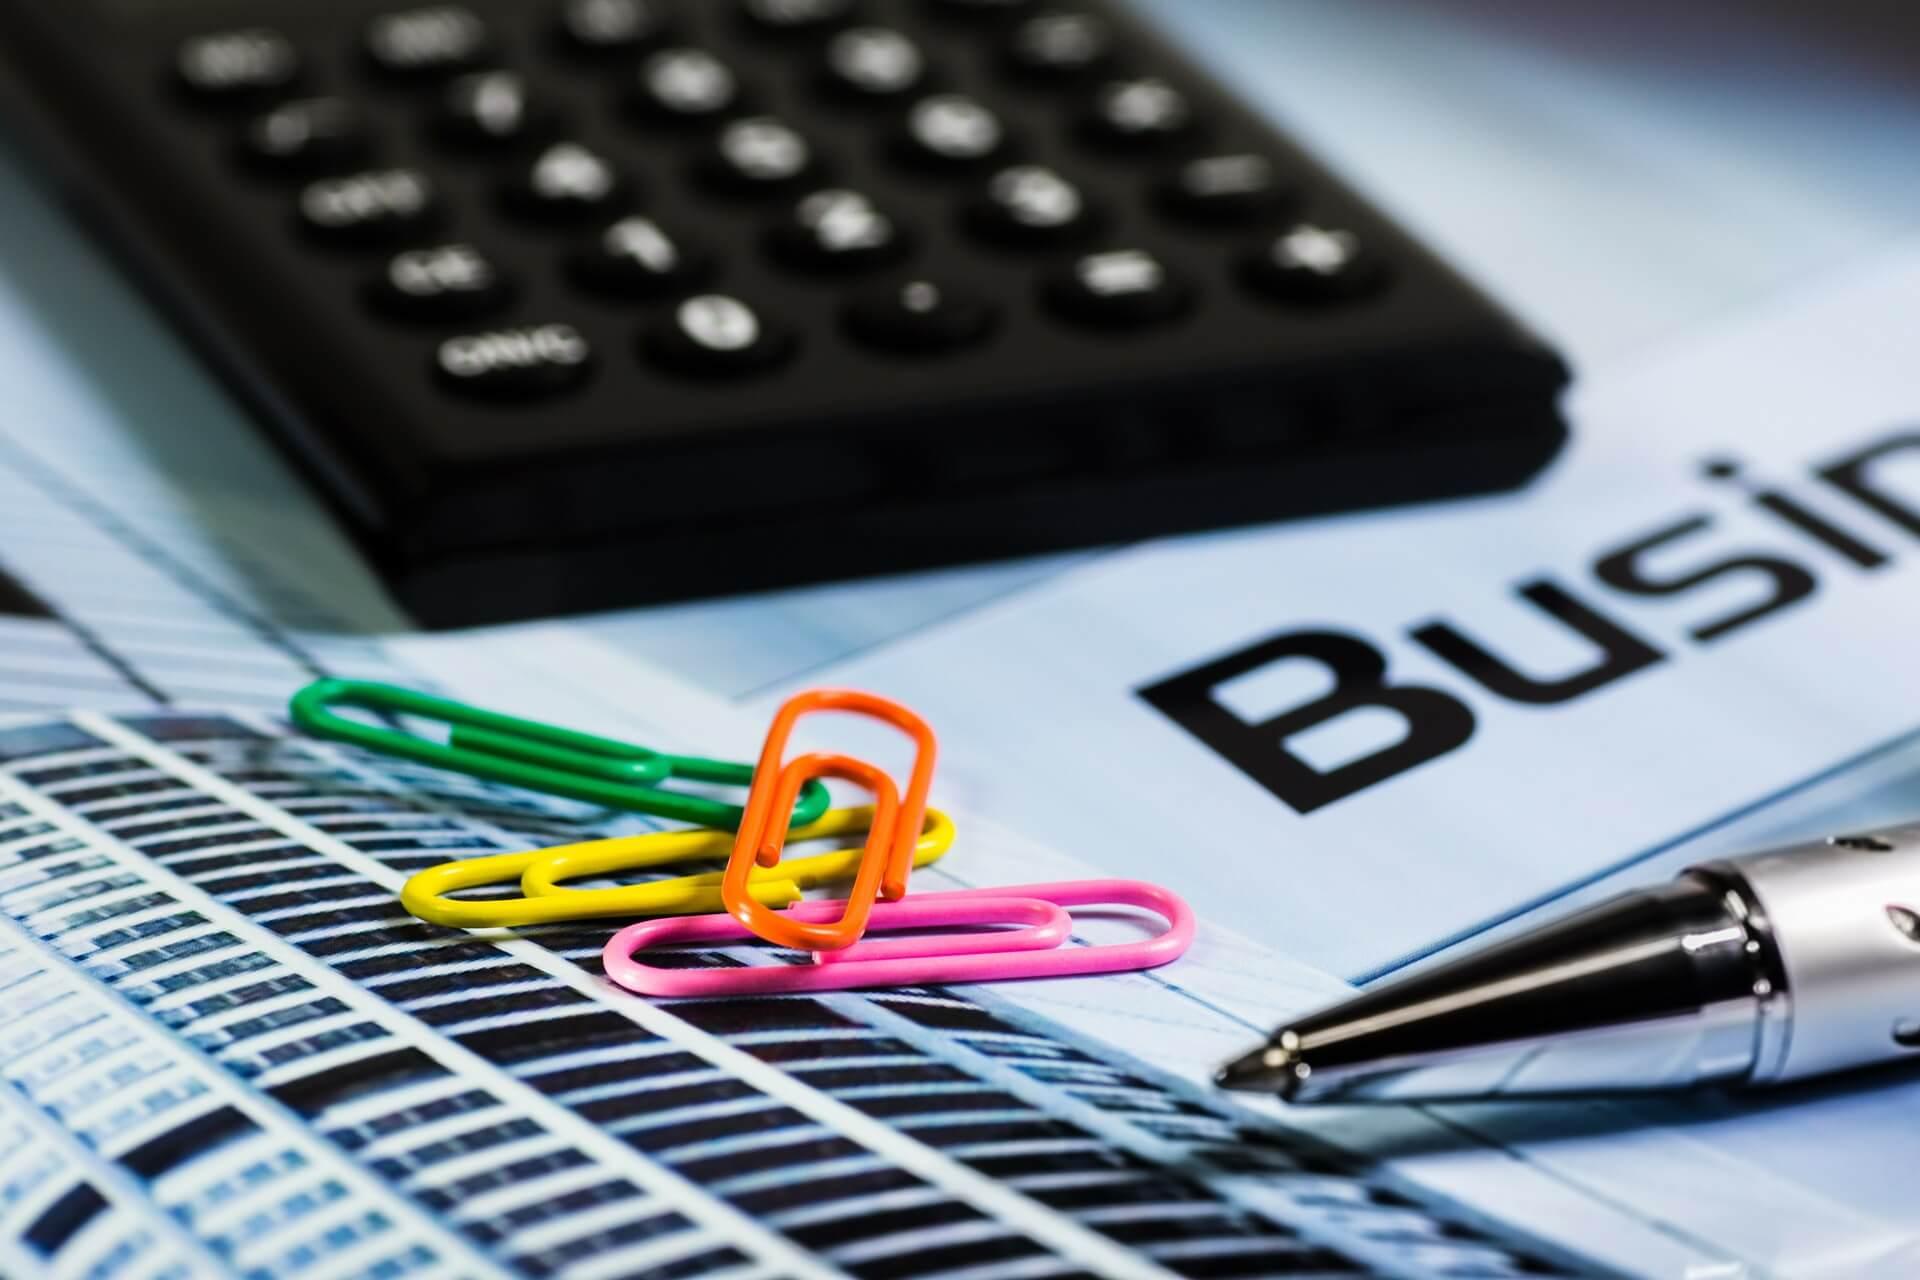 Kompleksowe usługi księgowe izzakresu podatków wbiurze rachunkowym Tax Partners - księgowość Rzeszów